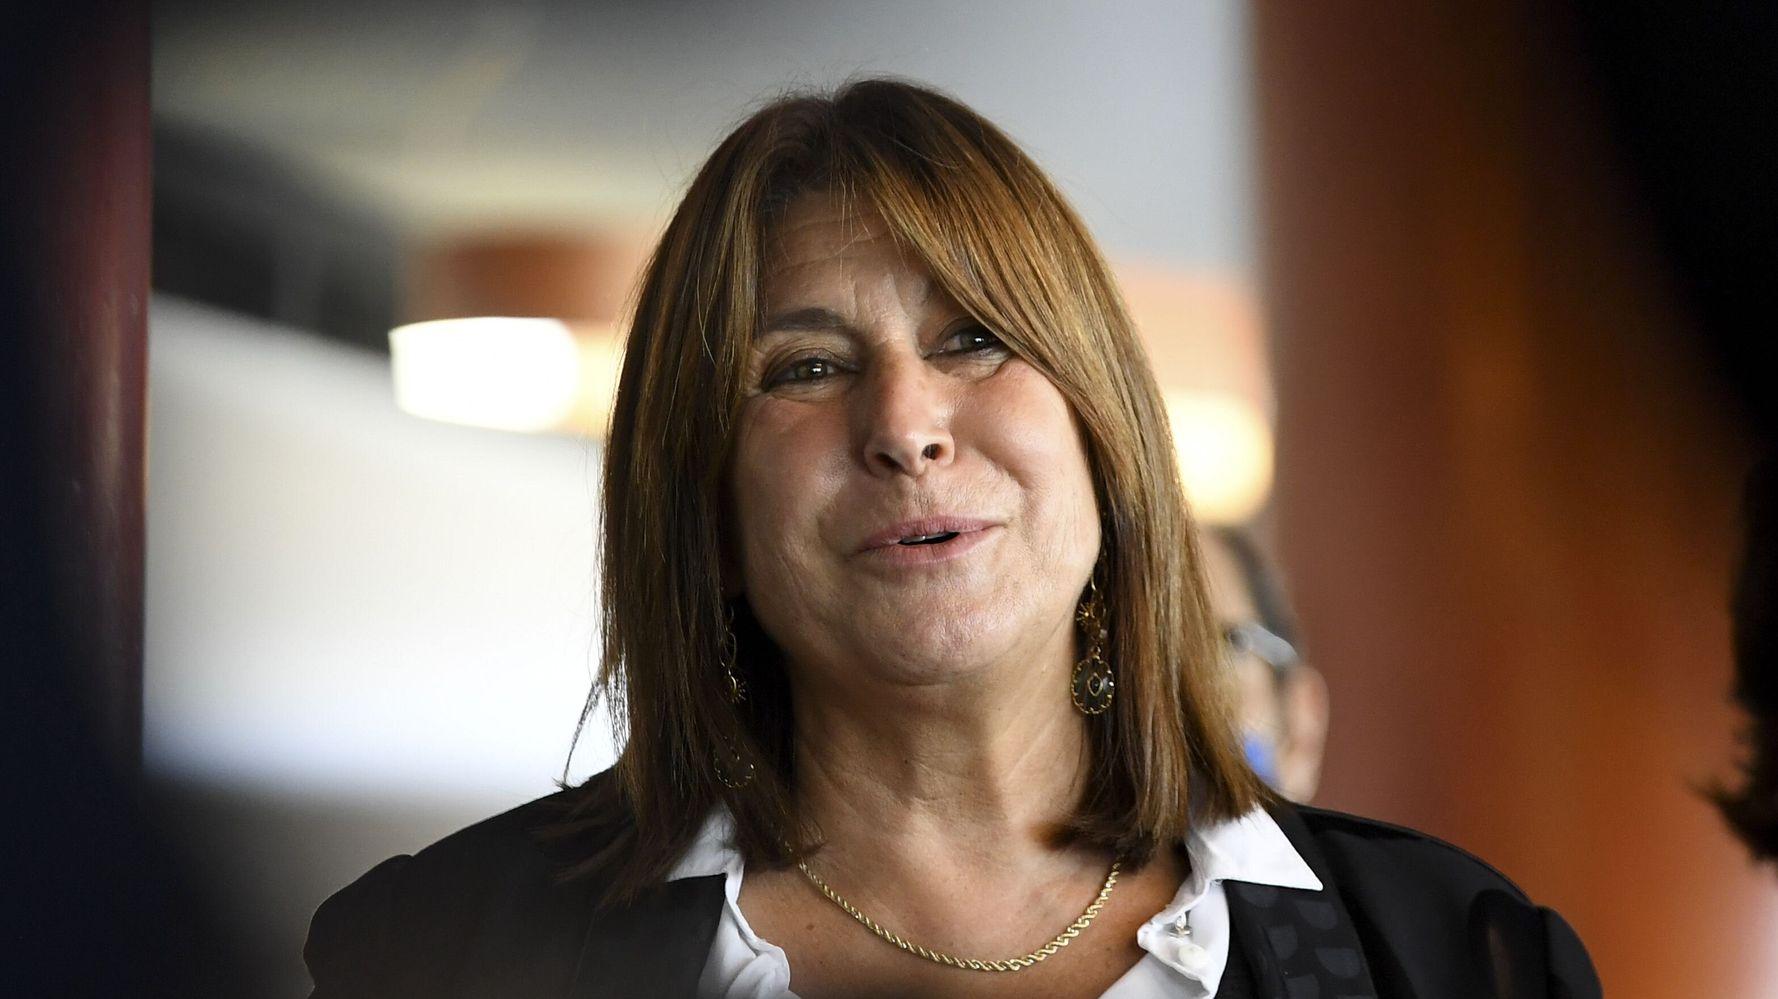 L'ex-maire de Marseille Michèle Rubirola dément avoir été dans un restaurant clandestin